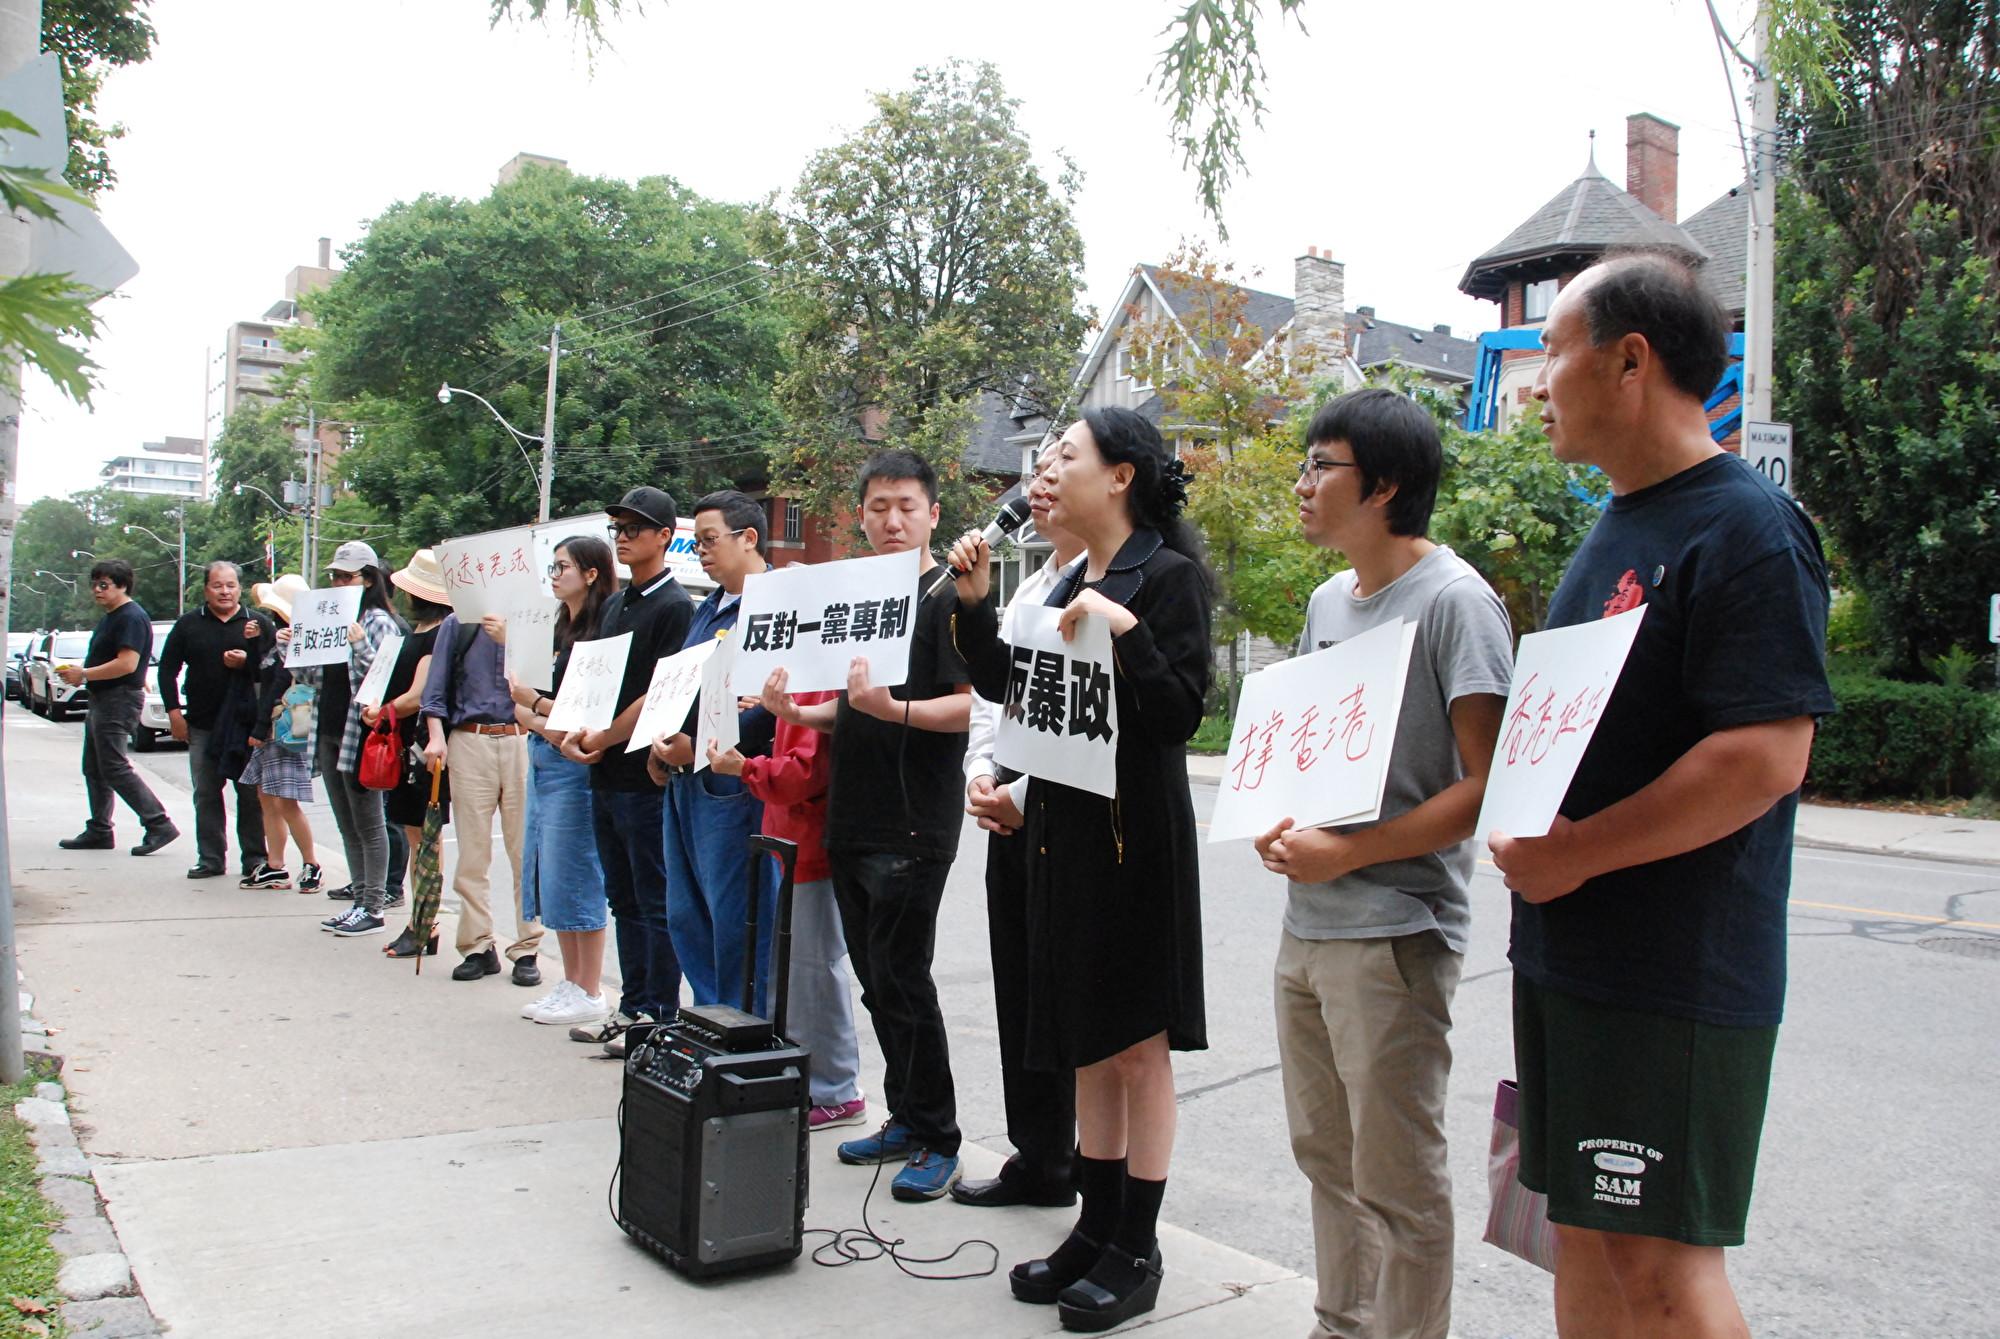 2019年8月17日,華人在多倫多中領館前集會,撐香港,反暴力鎮壓運動。(伊鈴/大紀元)